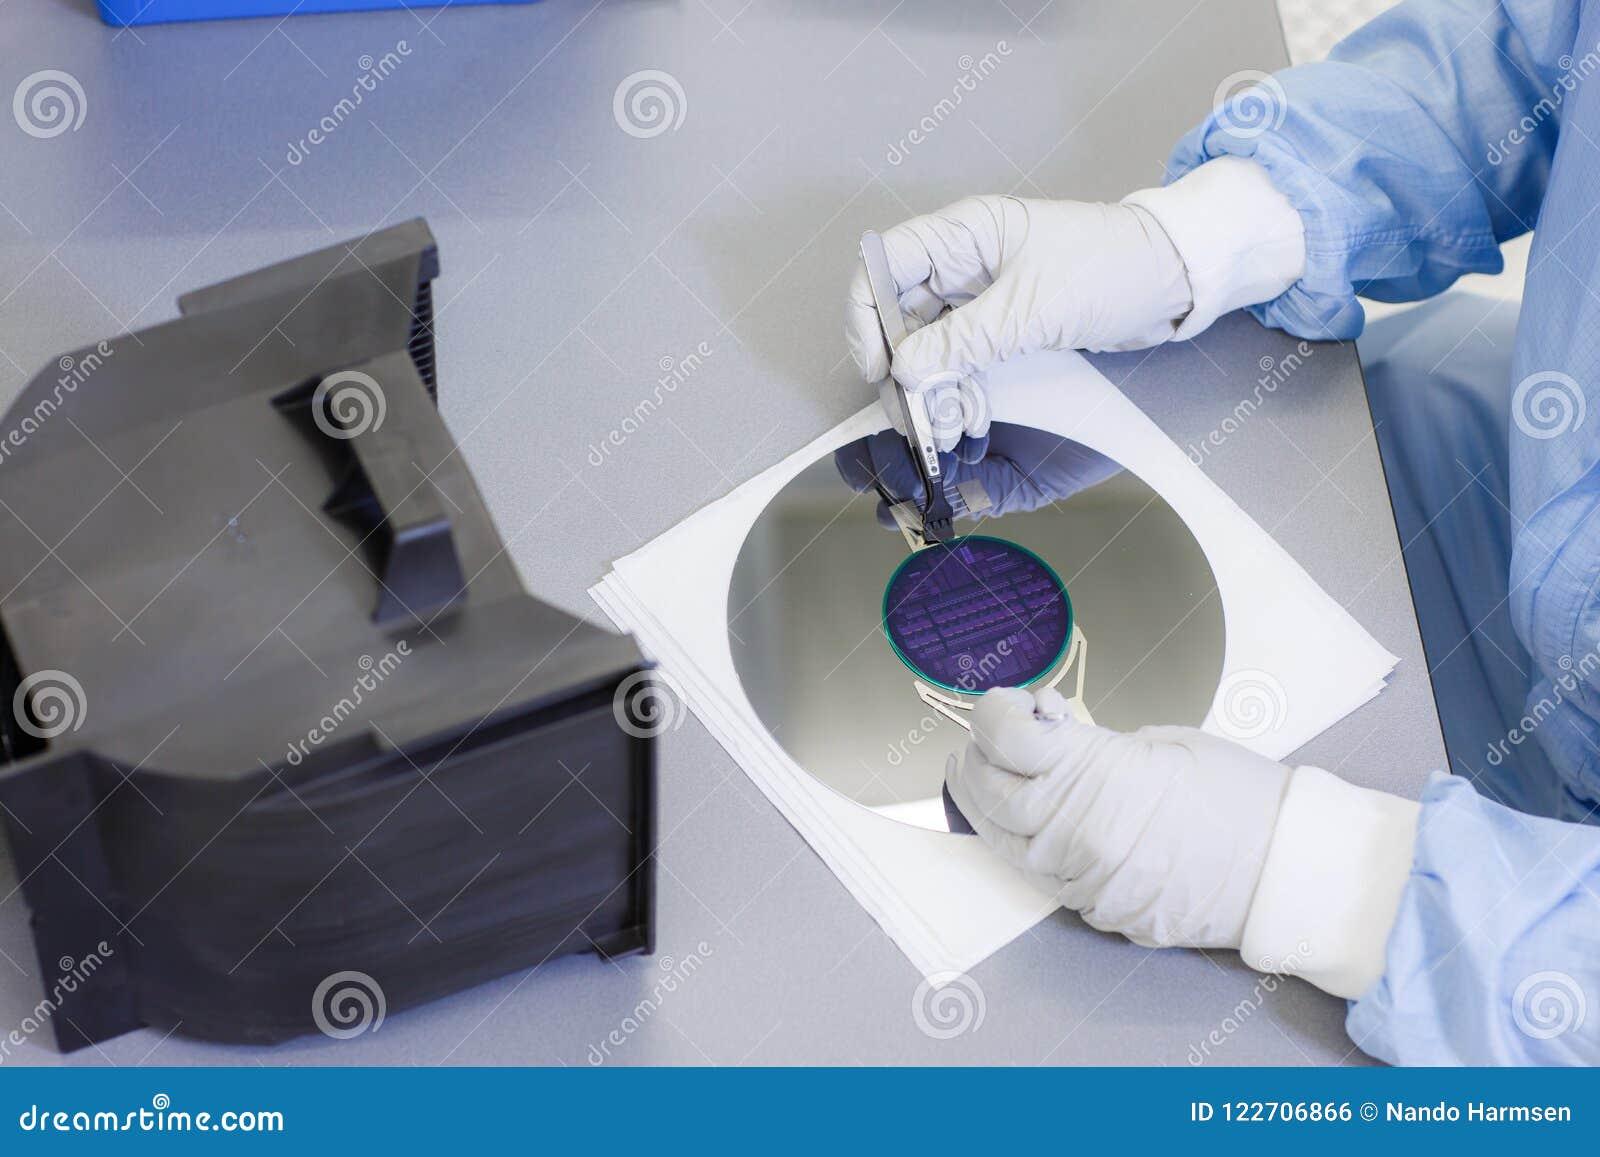 Behandeling van een wafeltje en het laden van het in een wafeltjecassette